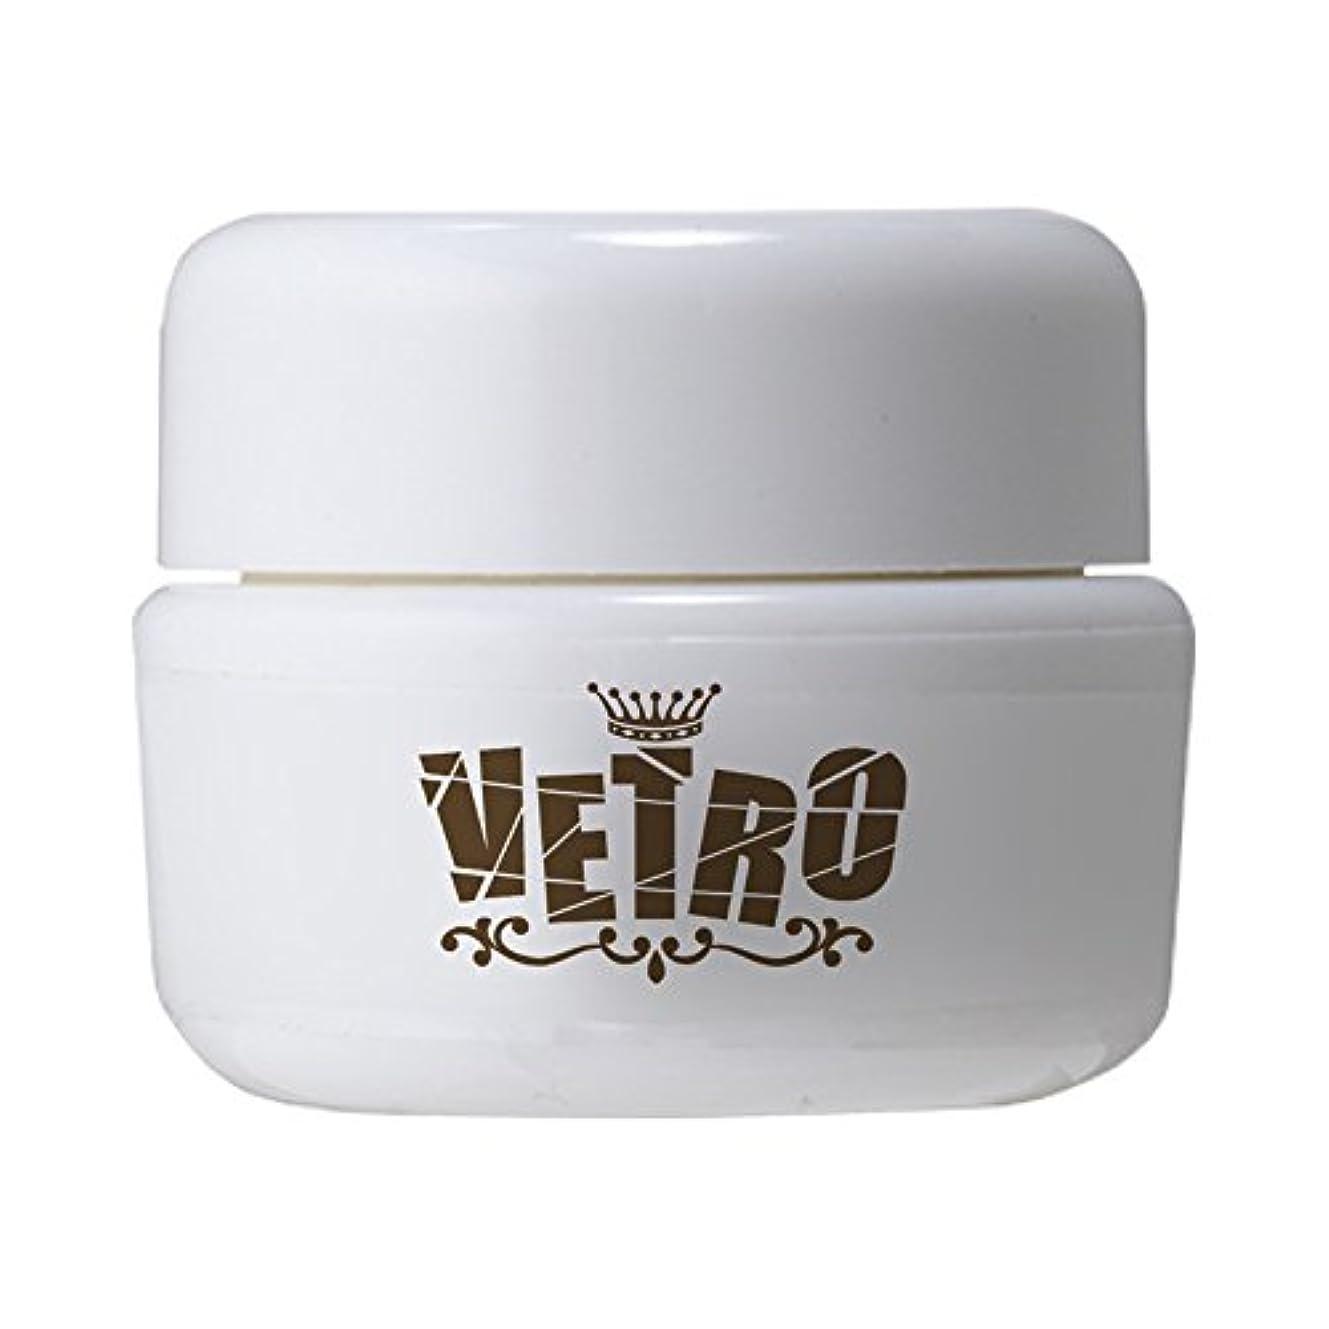 広まったブレーキ旅客VETRO No.19 カラージェル マット VL302 Baby Pig 4ml